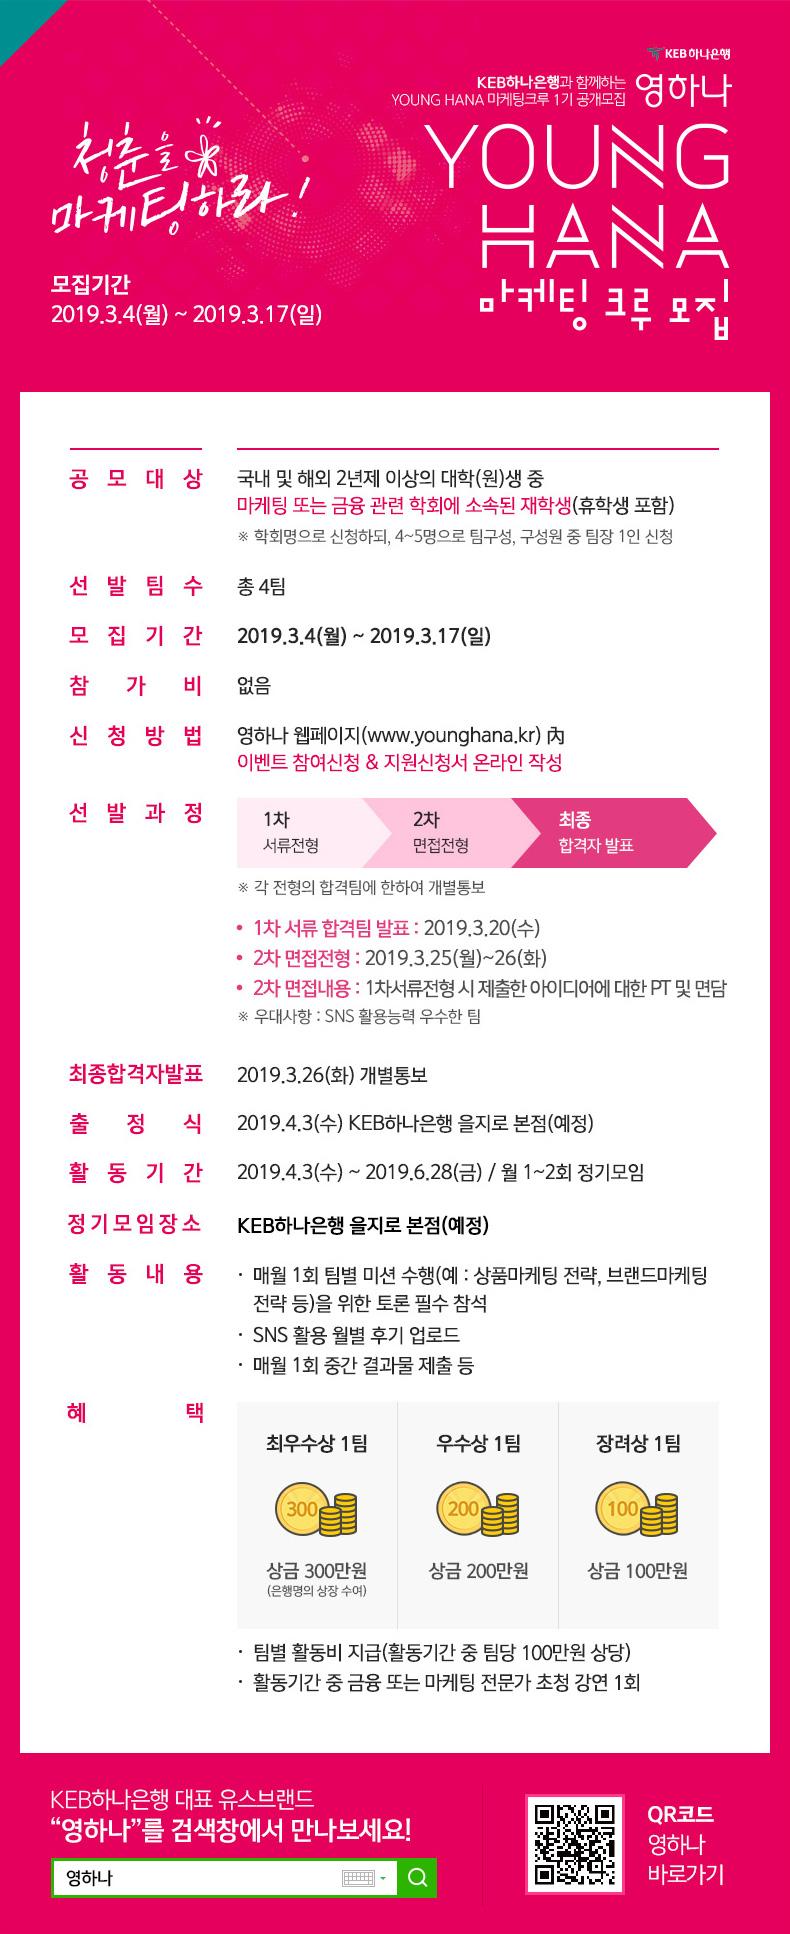 청춘을 마케팅하라! 모집기간 2019.3.4(월) ~ 2019.3.17(일)